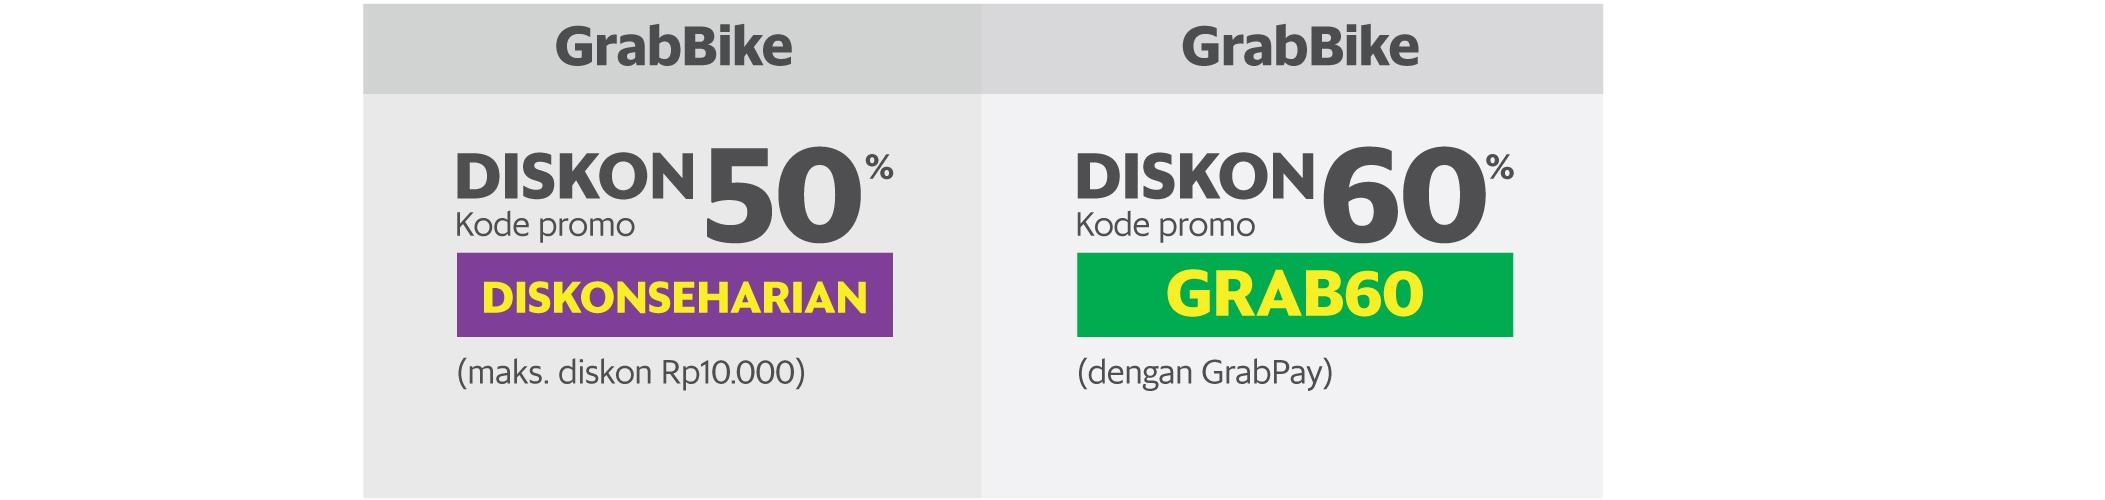 Pilih Yang Pasti Naik Grab Gratis Pada 19 April Grab Id